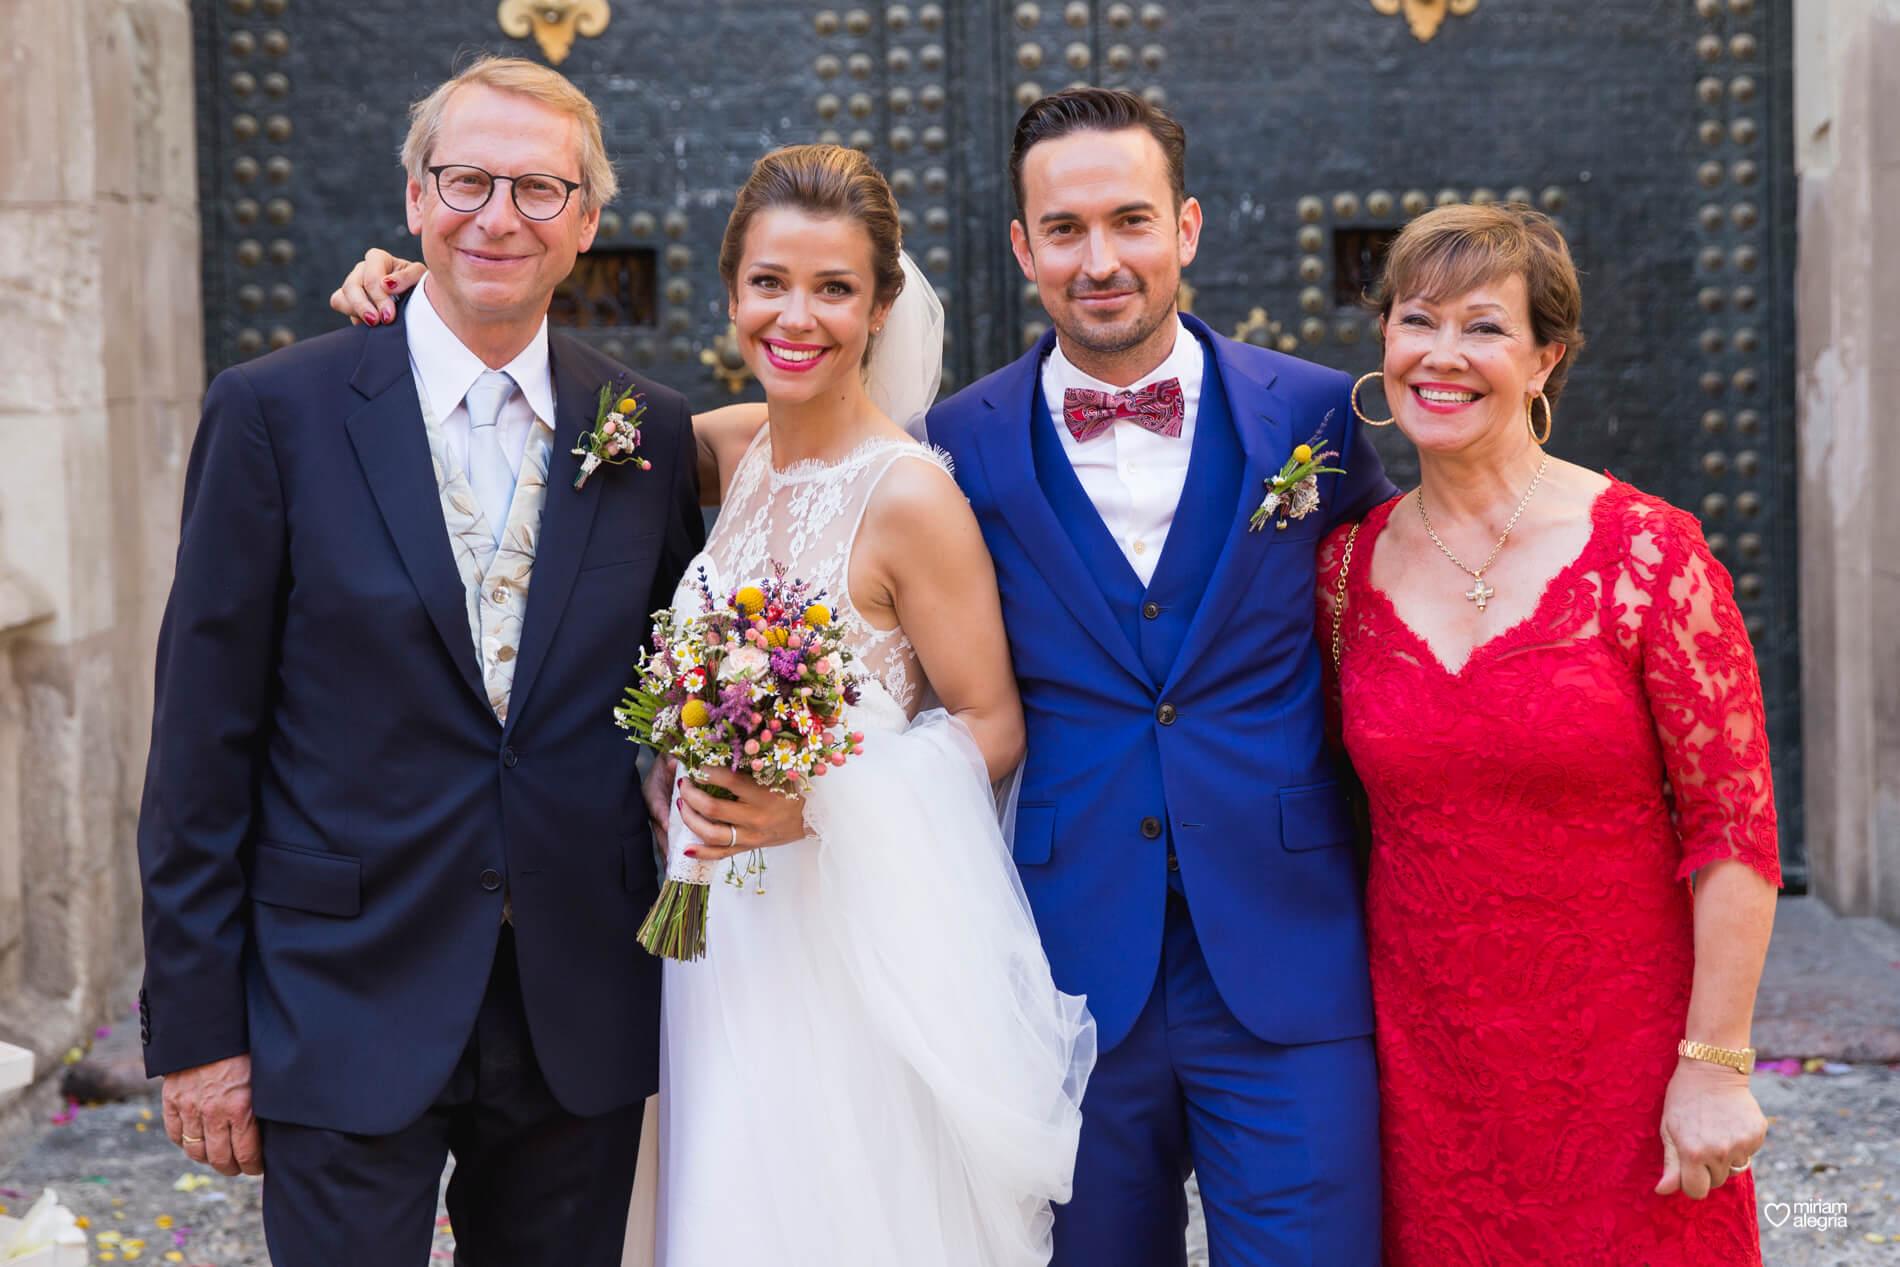 wedding-huerto-del-cura-elche-miriam-alegria-fotografos-boda-258